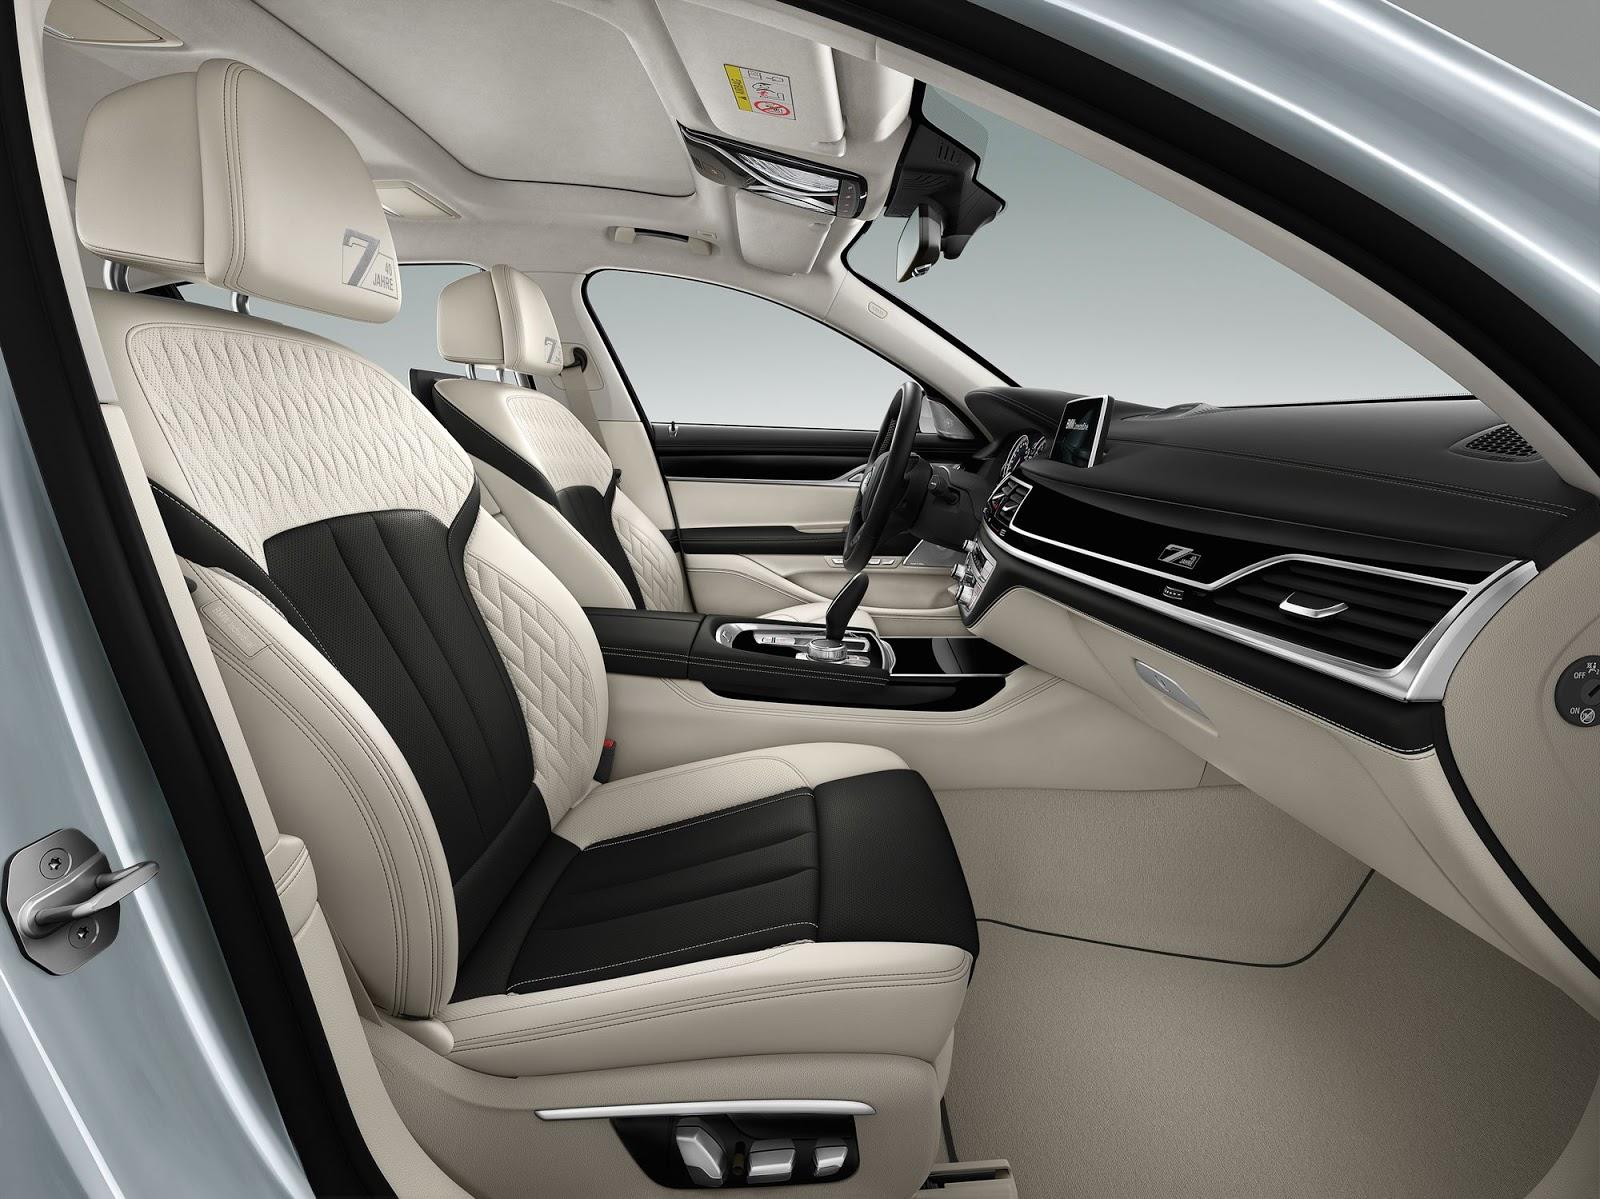 BMW-7-Series-40-Jahre-8